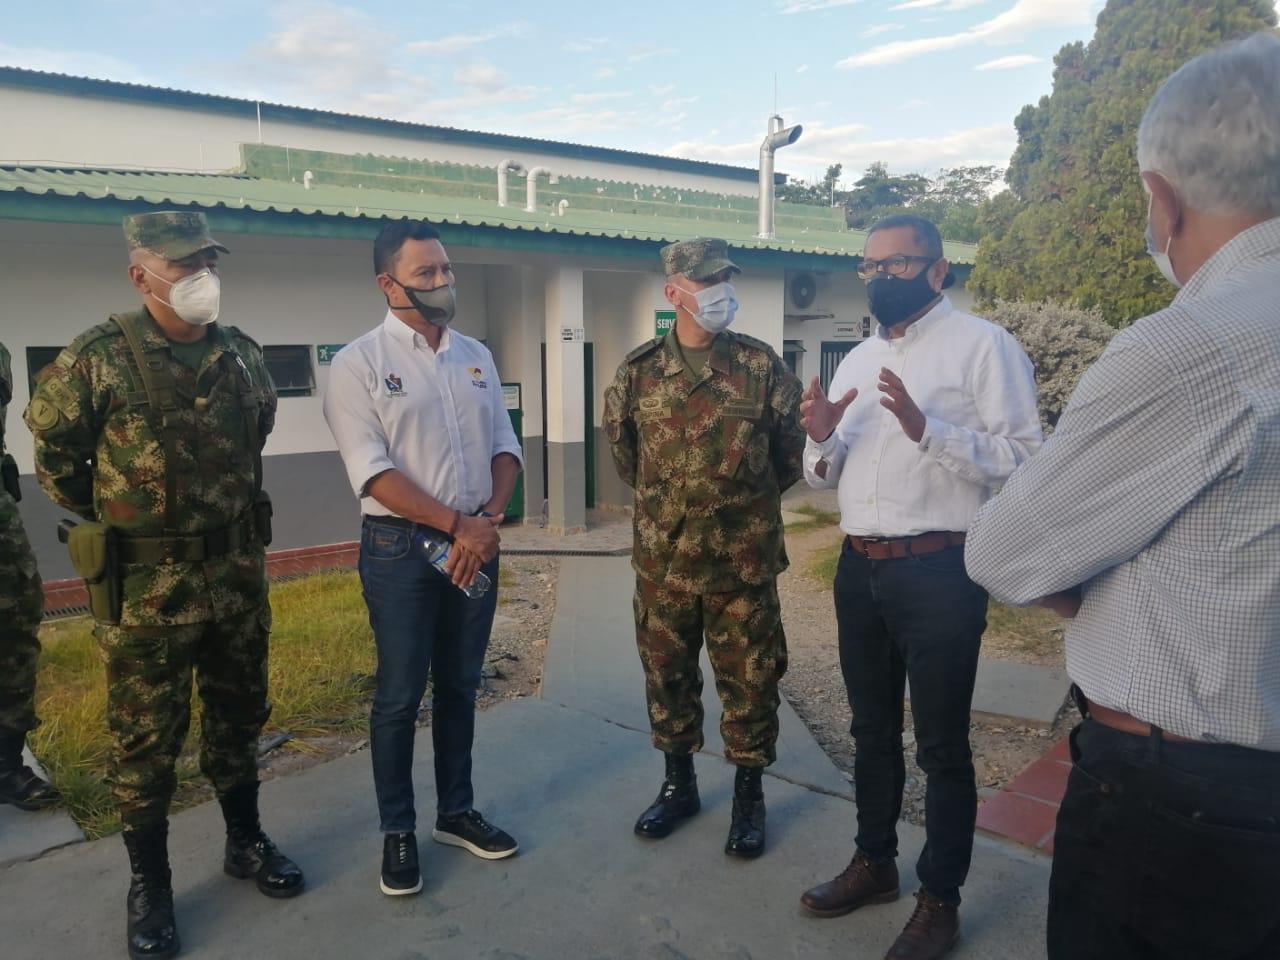 Taller de Seguridad y Prevención se realizó con agricultores del Tolima